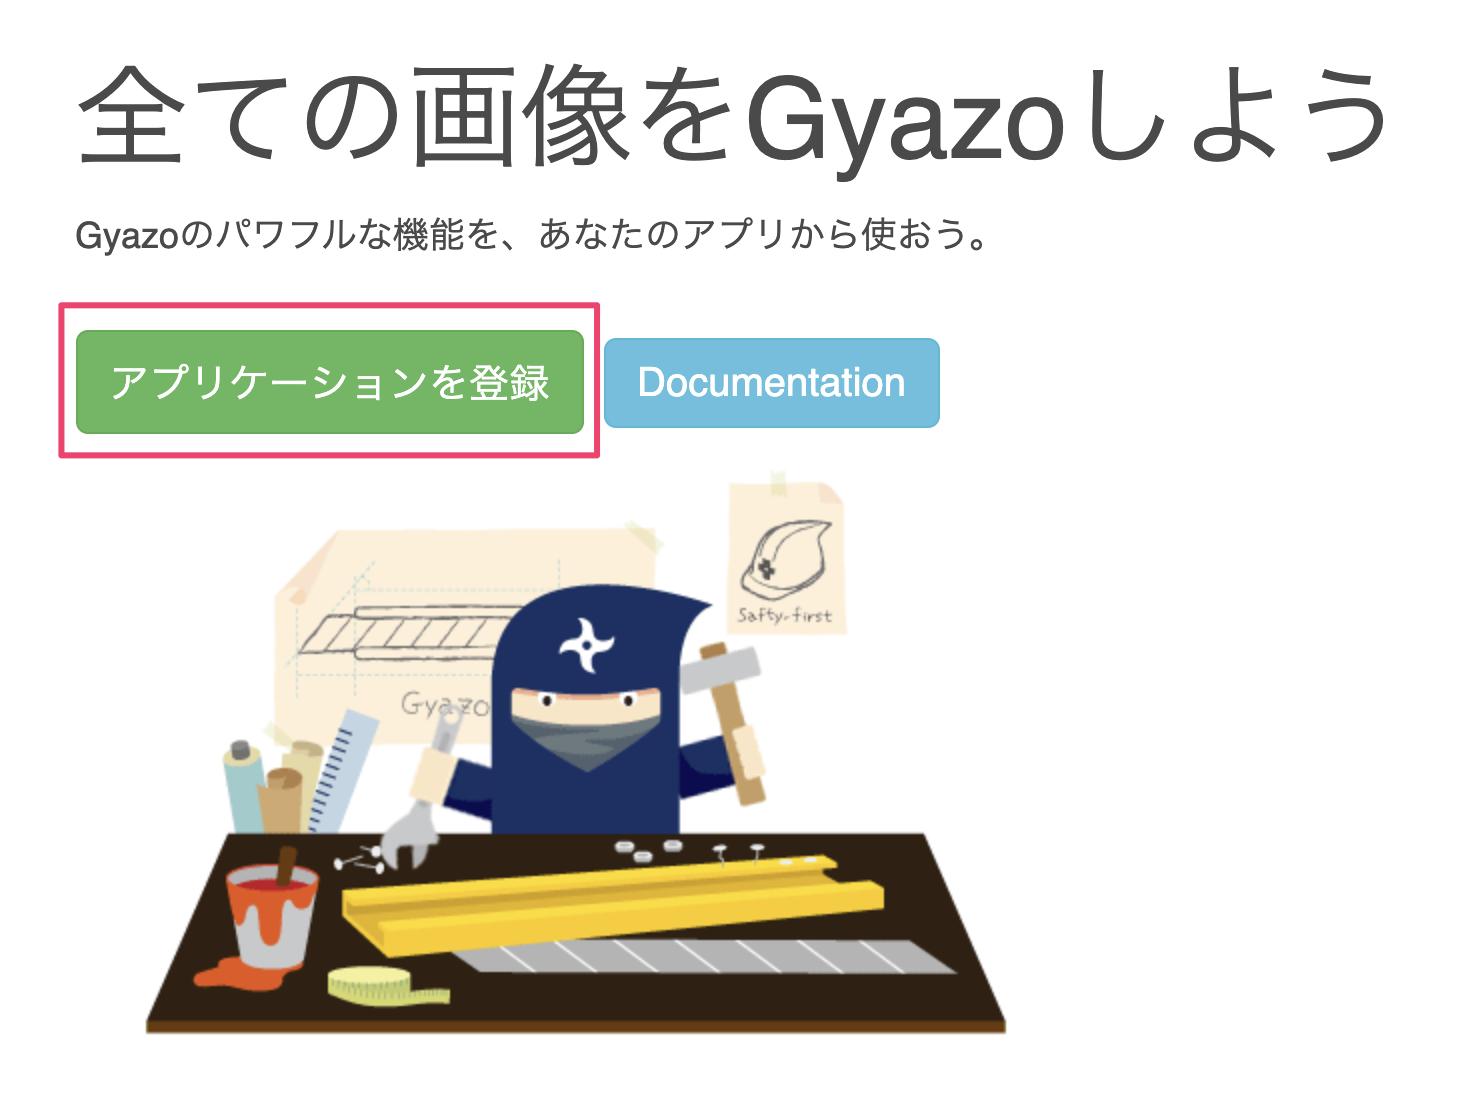 PythonでGyazoに画像をアップロードする方法_0